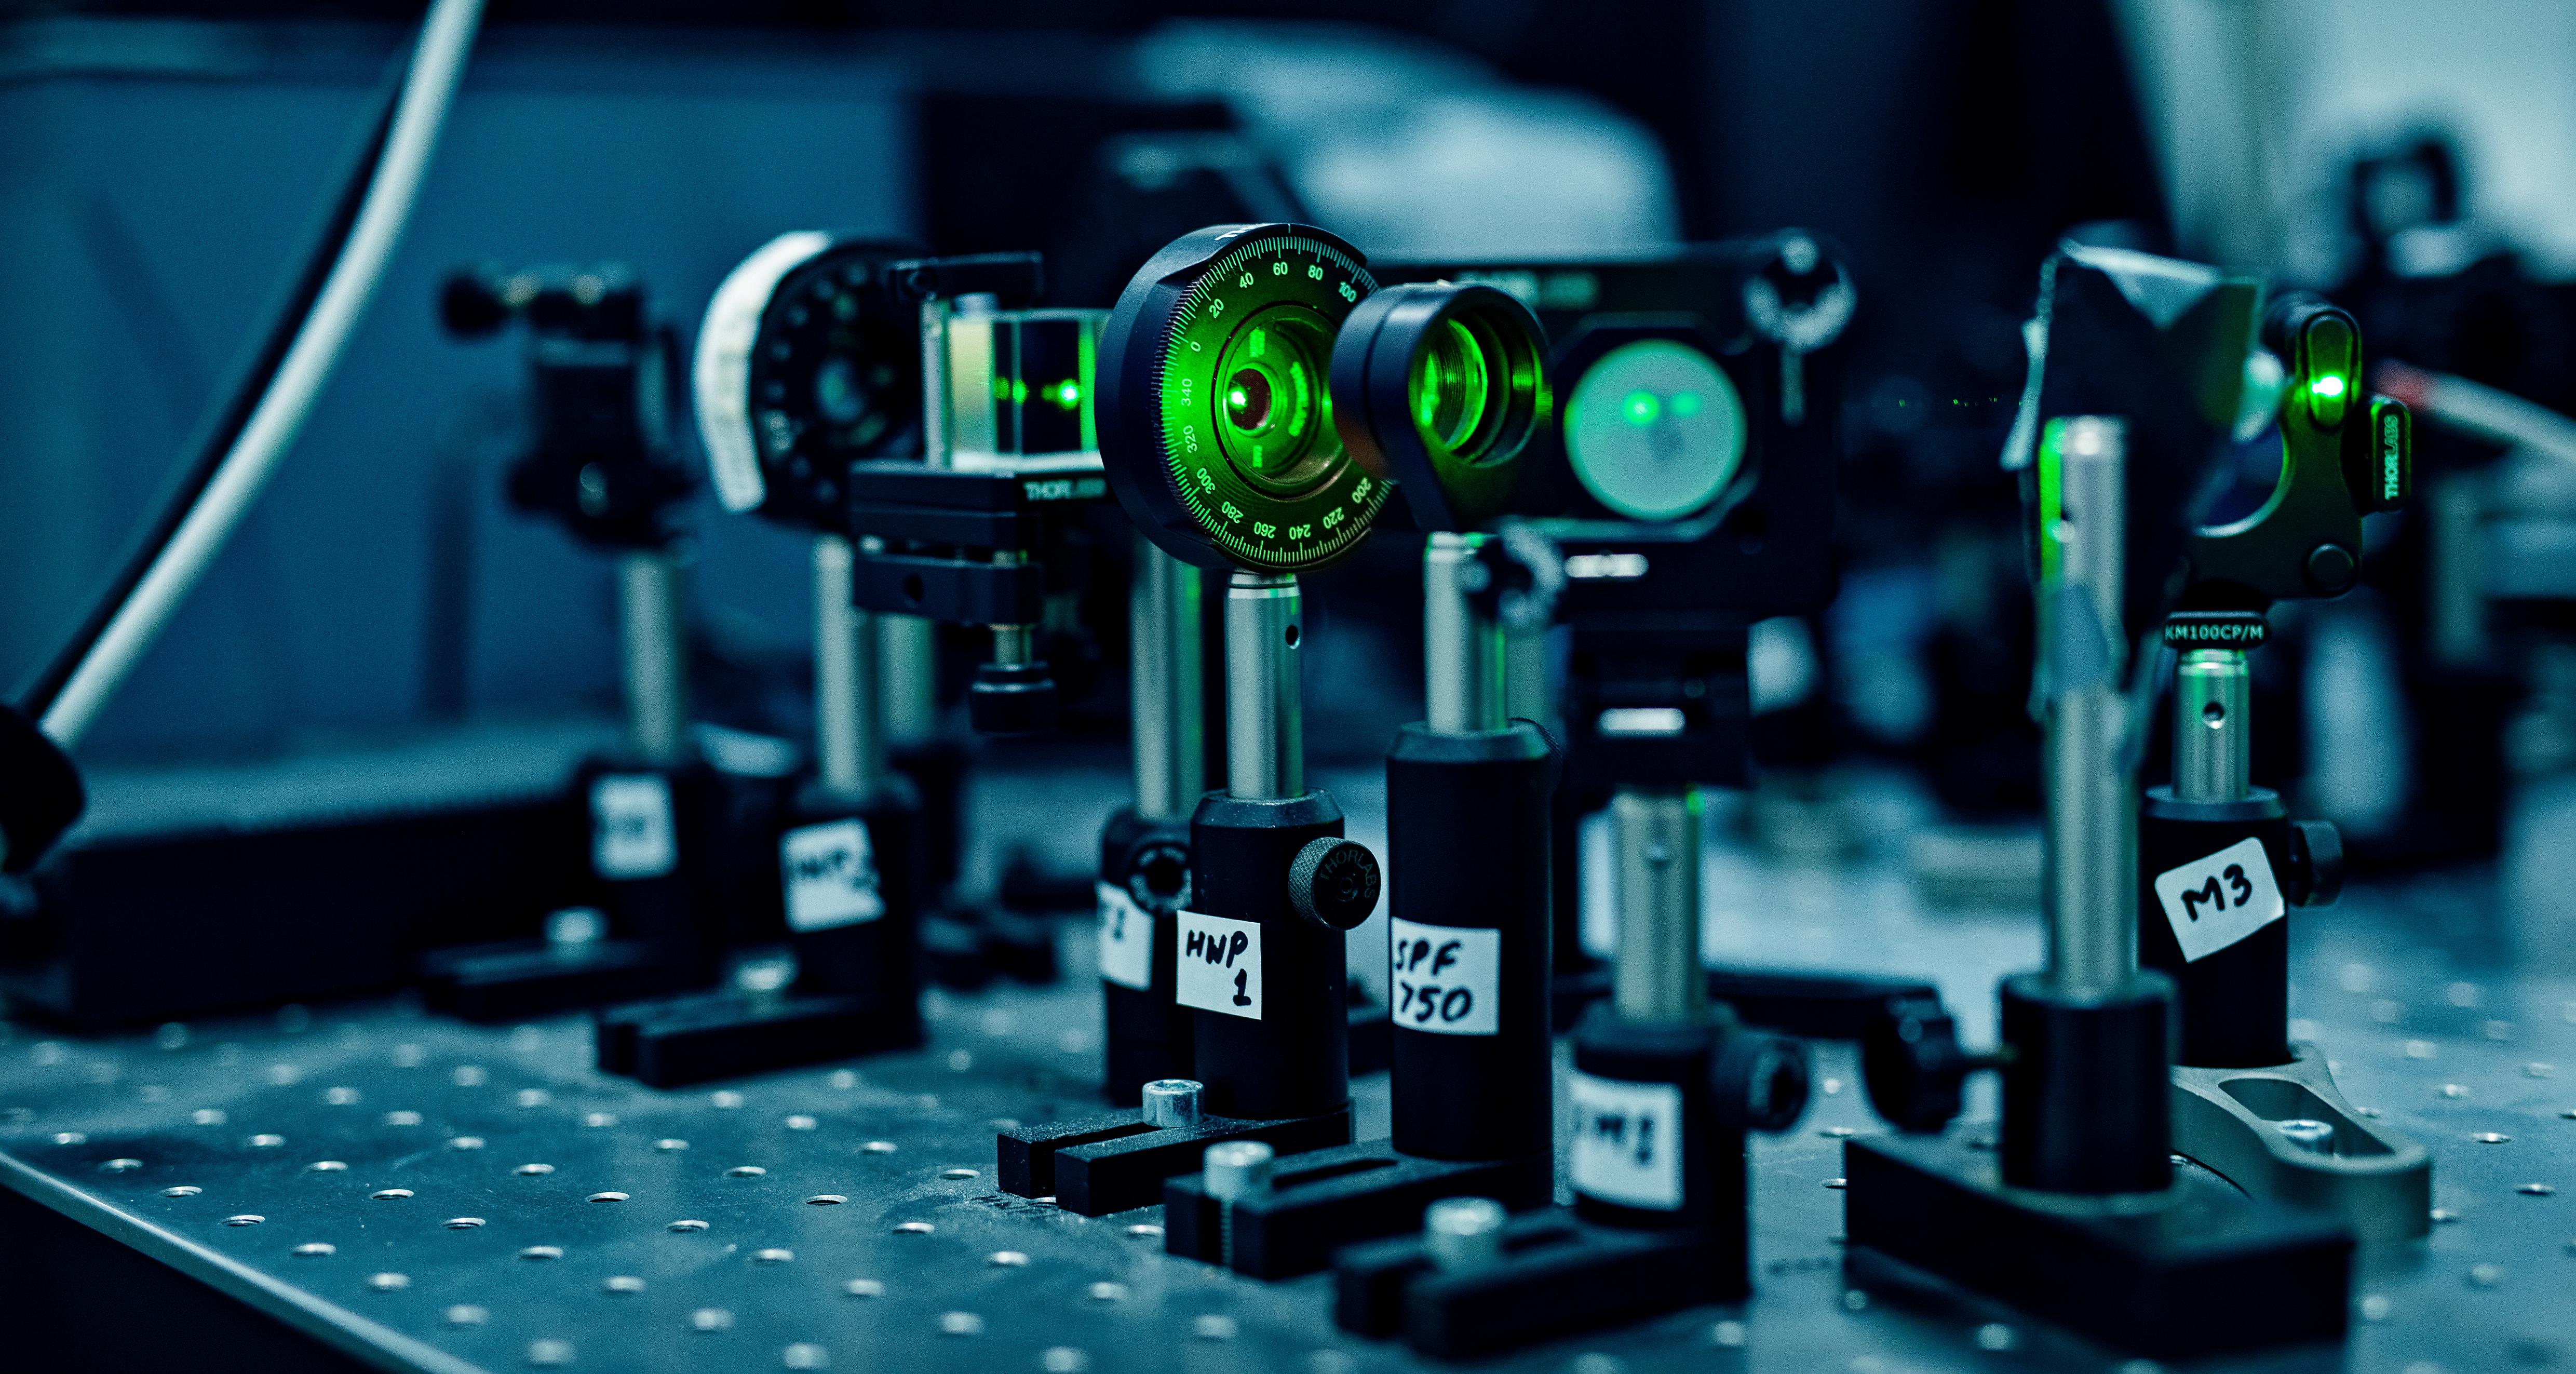 Laserudstyr til forskning i nanooptik.